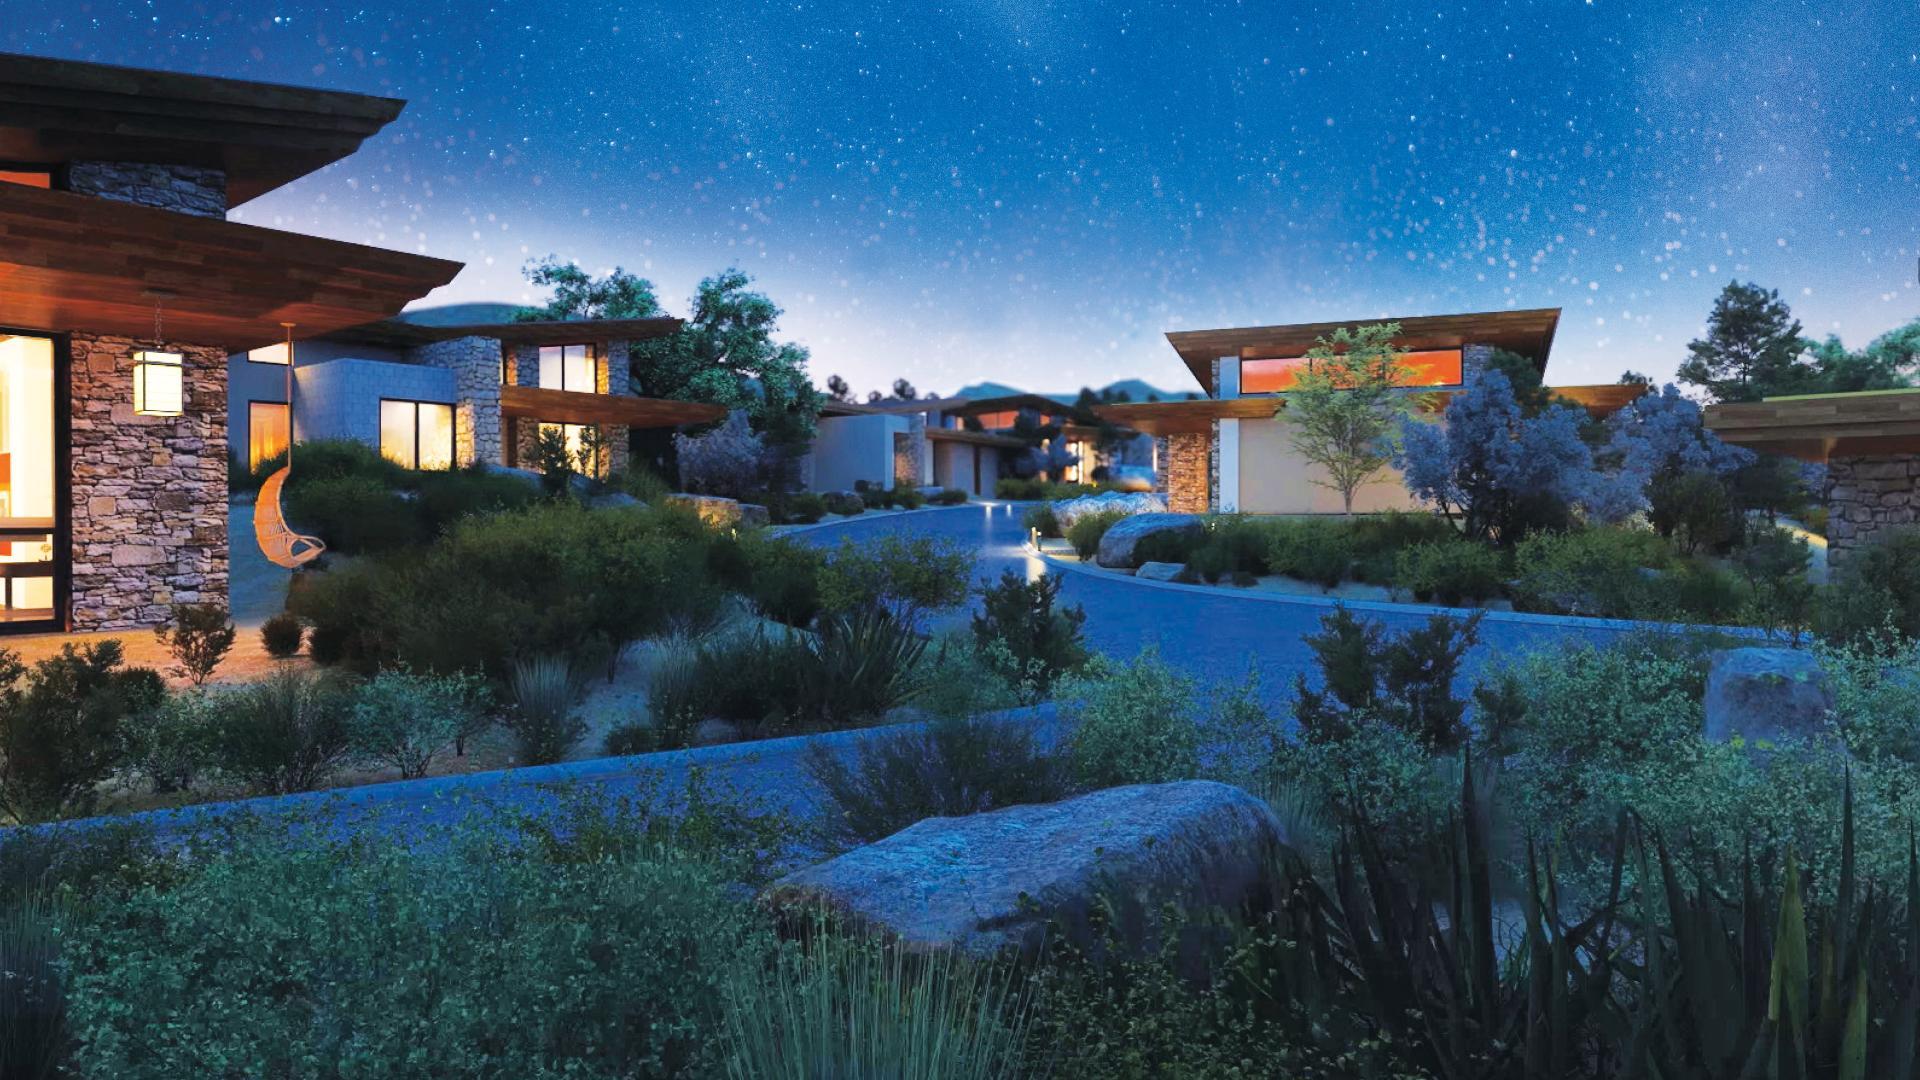 Distinct architecture in a serene Sonoran Desert setting